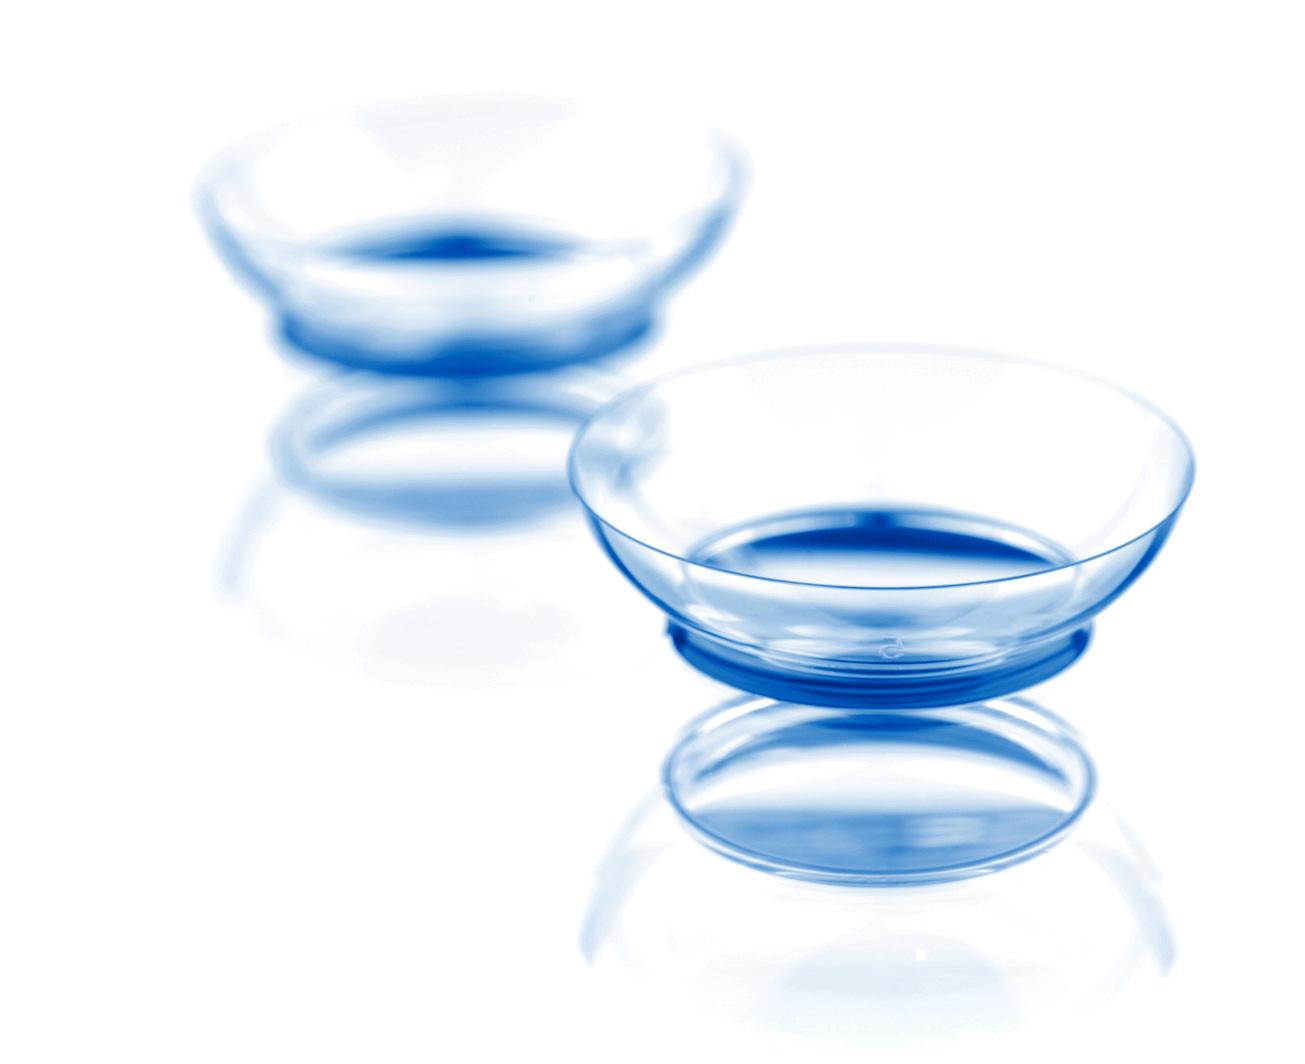 Lentilles de contact : une correction qui égale celle des lunettes